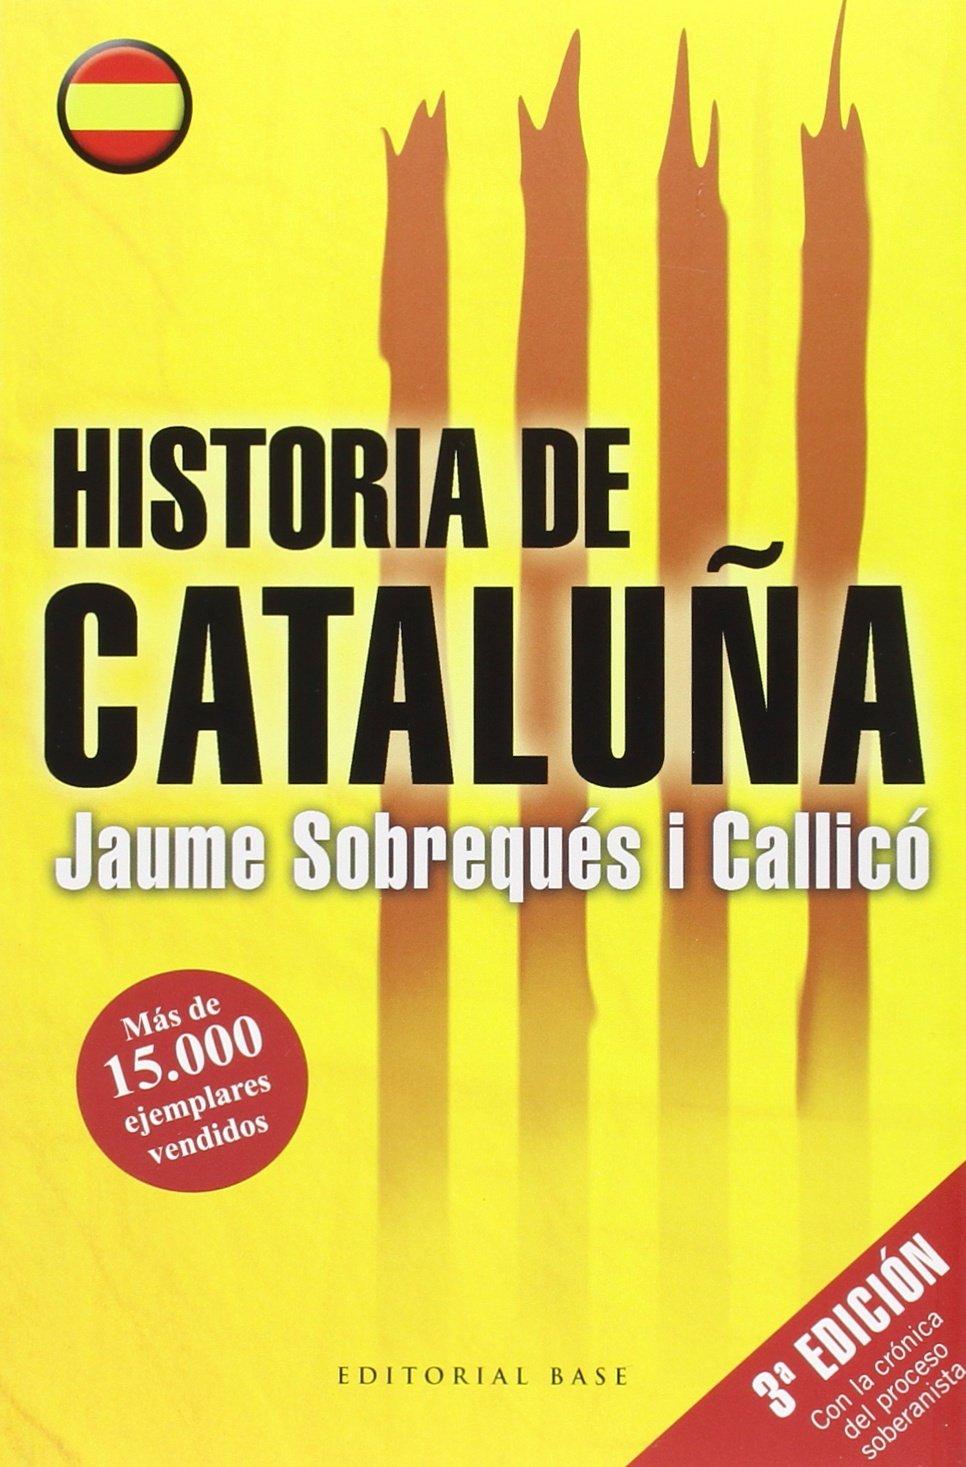 Historia De Cataluña - 3ª Edición (HISPANICA): Amazon.es: Jaume Sobreques I Callico: Libros